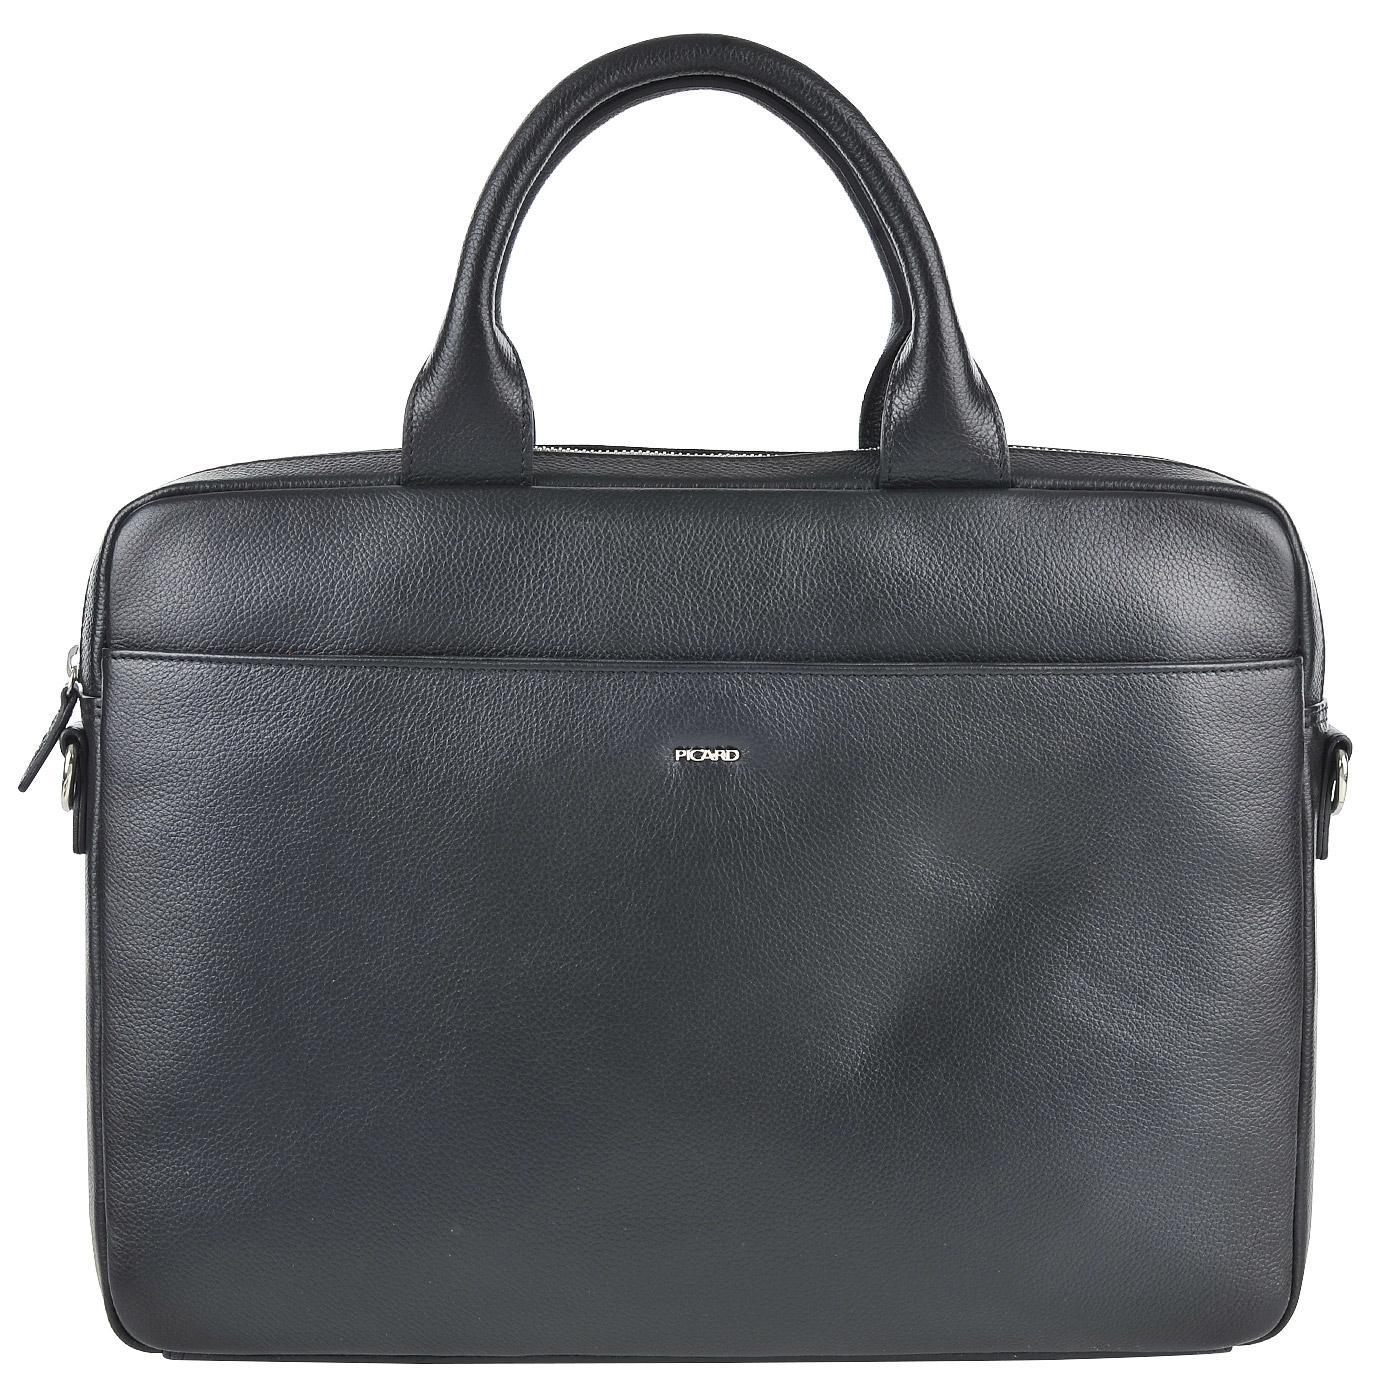 1f6fa7be0681 Мужская кожаная деловая сумка Picard Wien 8814 826_schwarz - 2000557708013  черный натуральная кожа, ПВХ 39 x 28 Цена 18380 руб. купить в  интернет-магазине ...